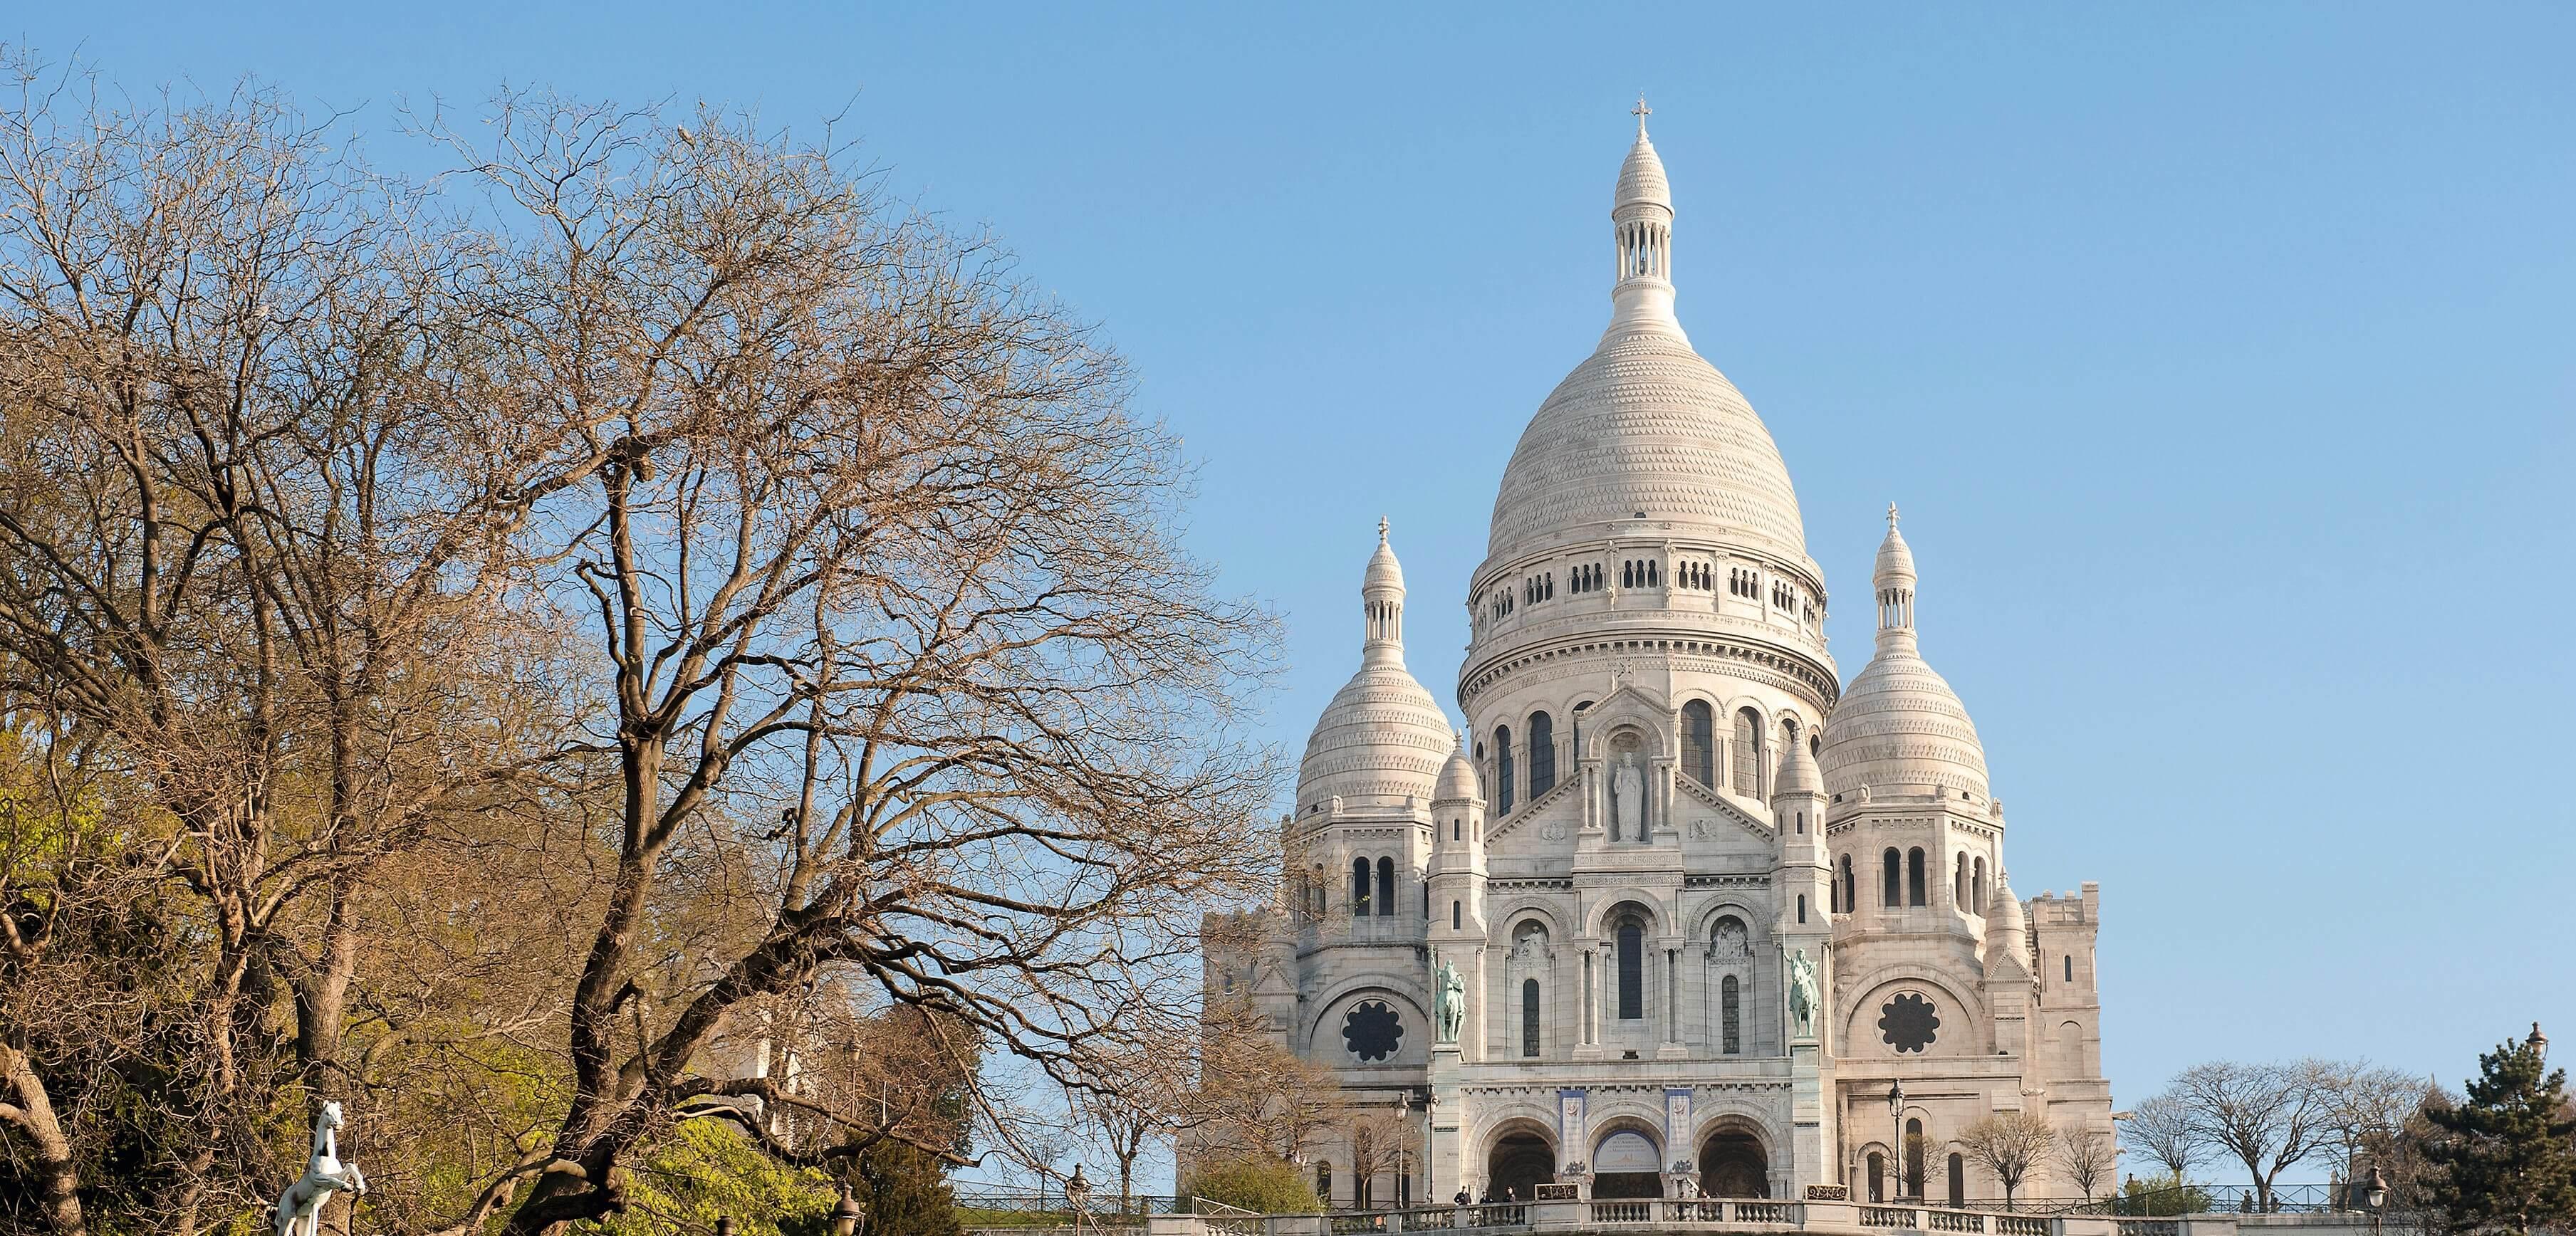 Paris 18ème arrondissement. La butte Montmartre . Manège et la Basilique du Sacré-Coeur * Paris 18th district. Montmartre; Merry-go-round and the Sacré-Cœur Basilica